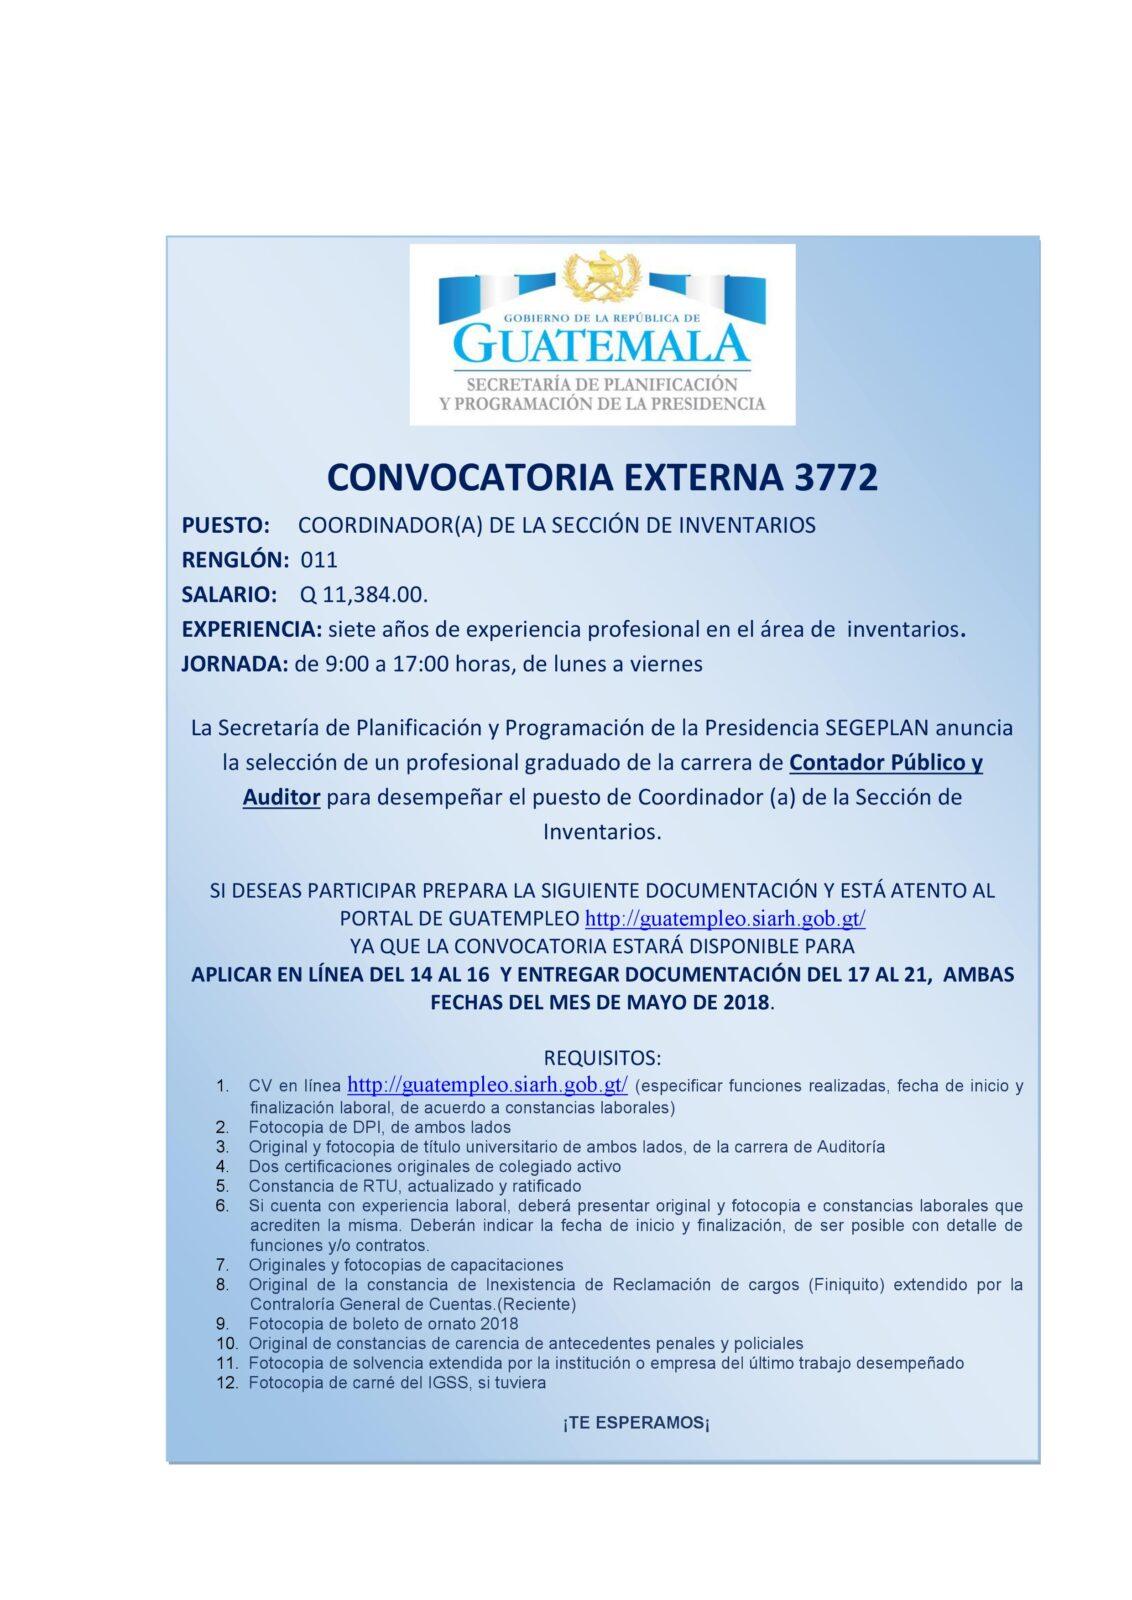 PROFESIONAL GRADUADO DE CARRERA CONTADOR PUBLICO Y AUDITOR